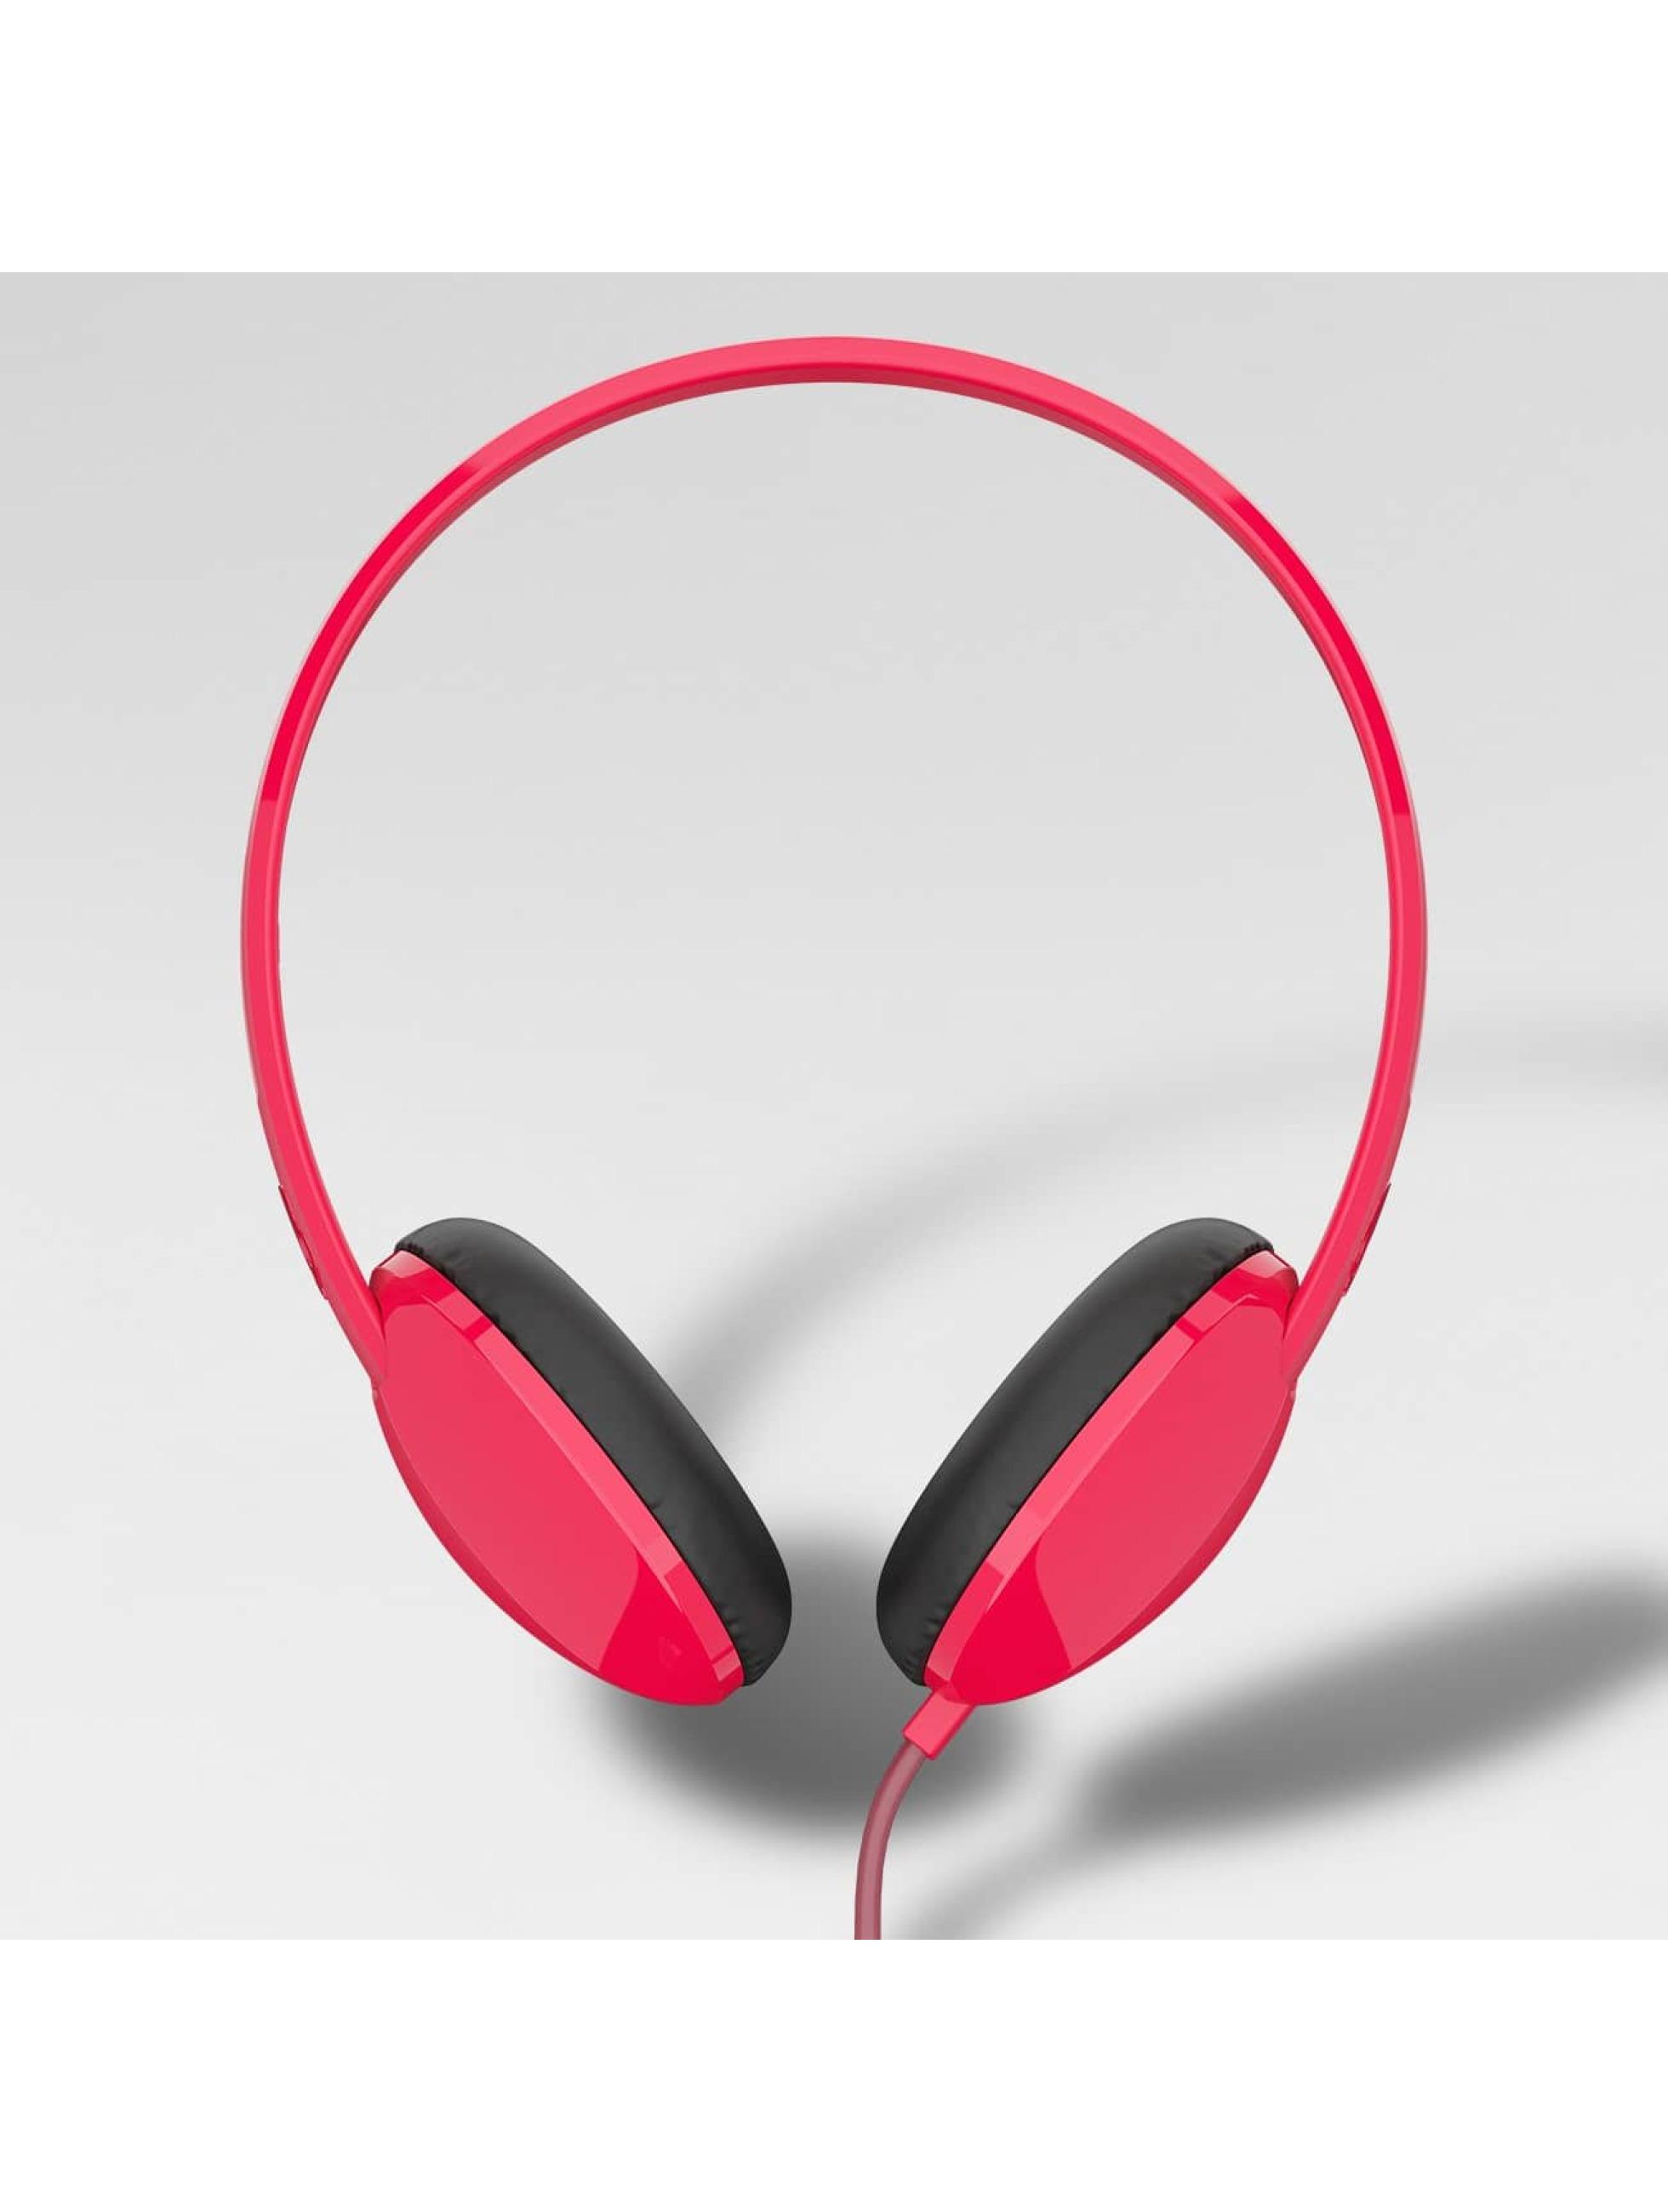 Skullcandy Sluchátka Stim Mic 1 On Ear červený